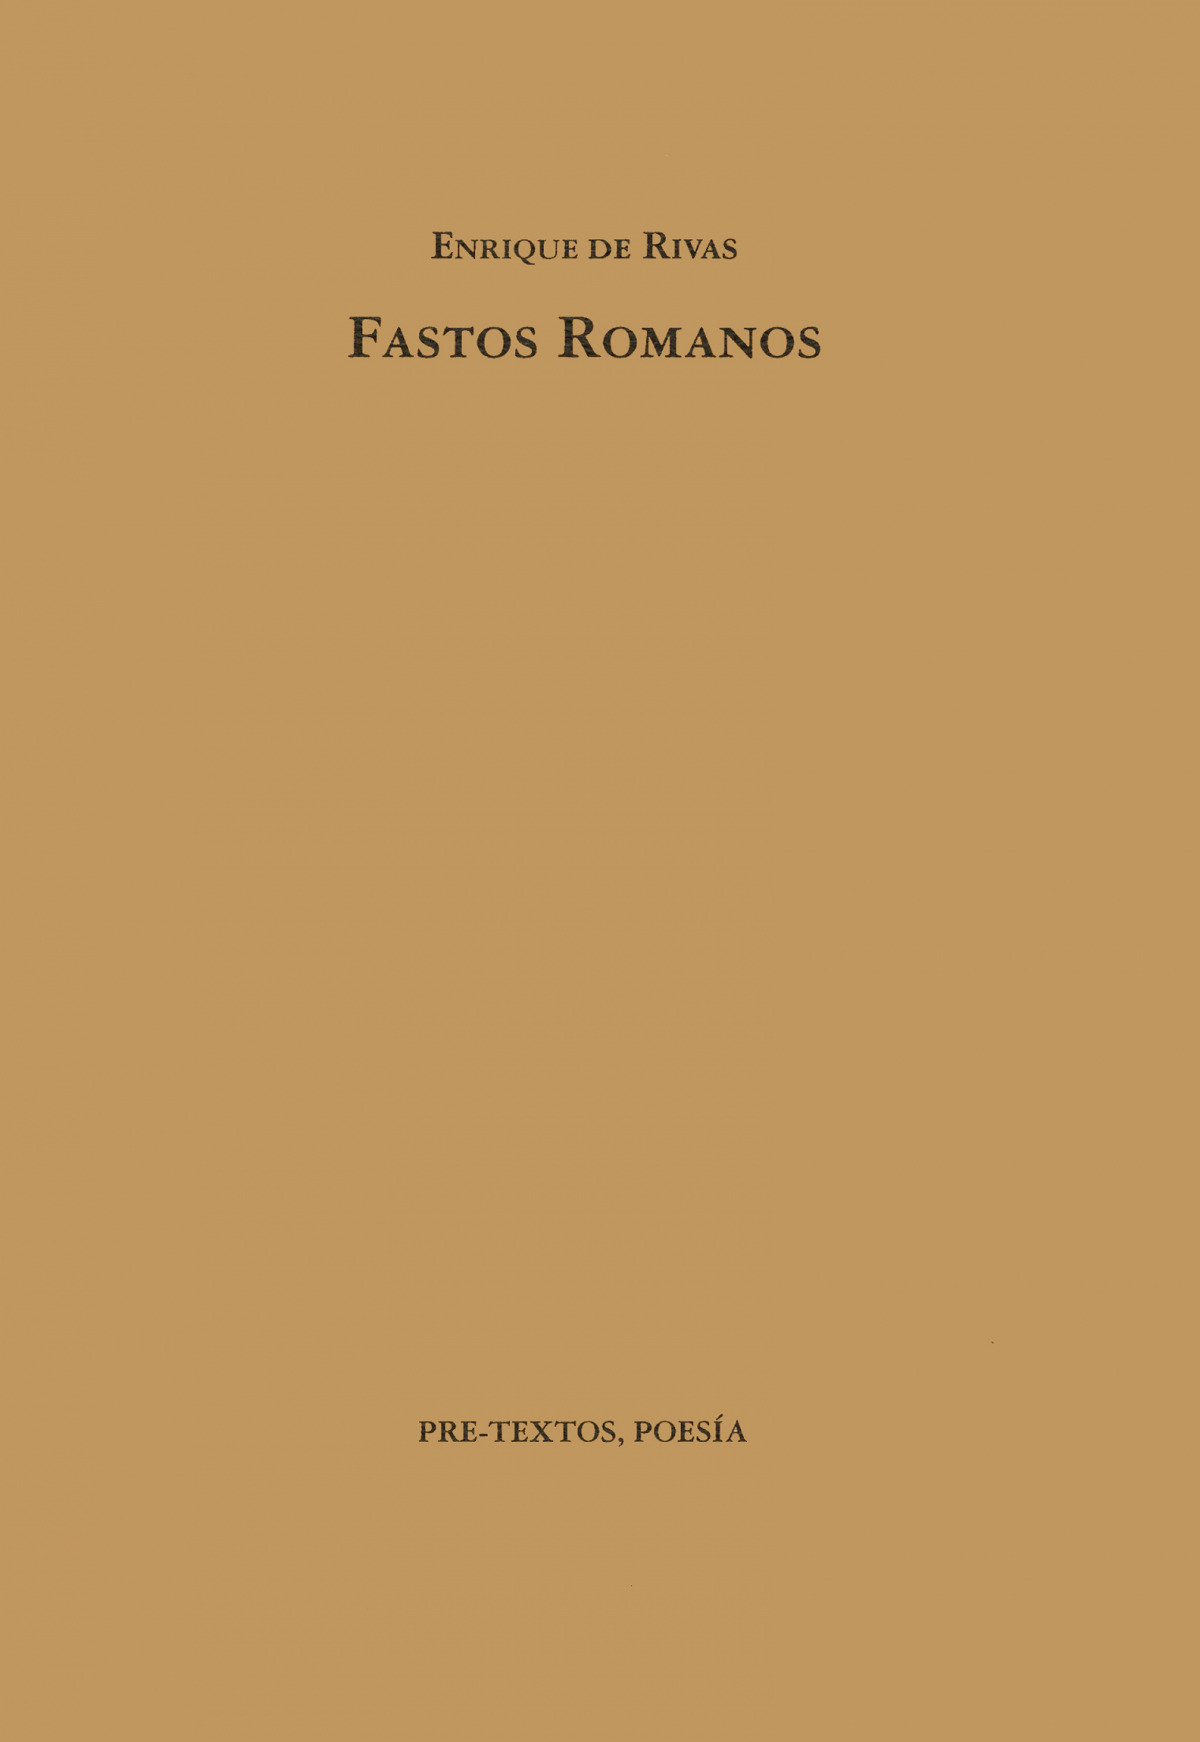 áFastos romanos